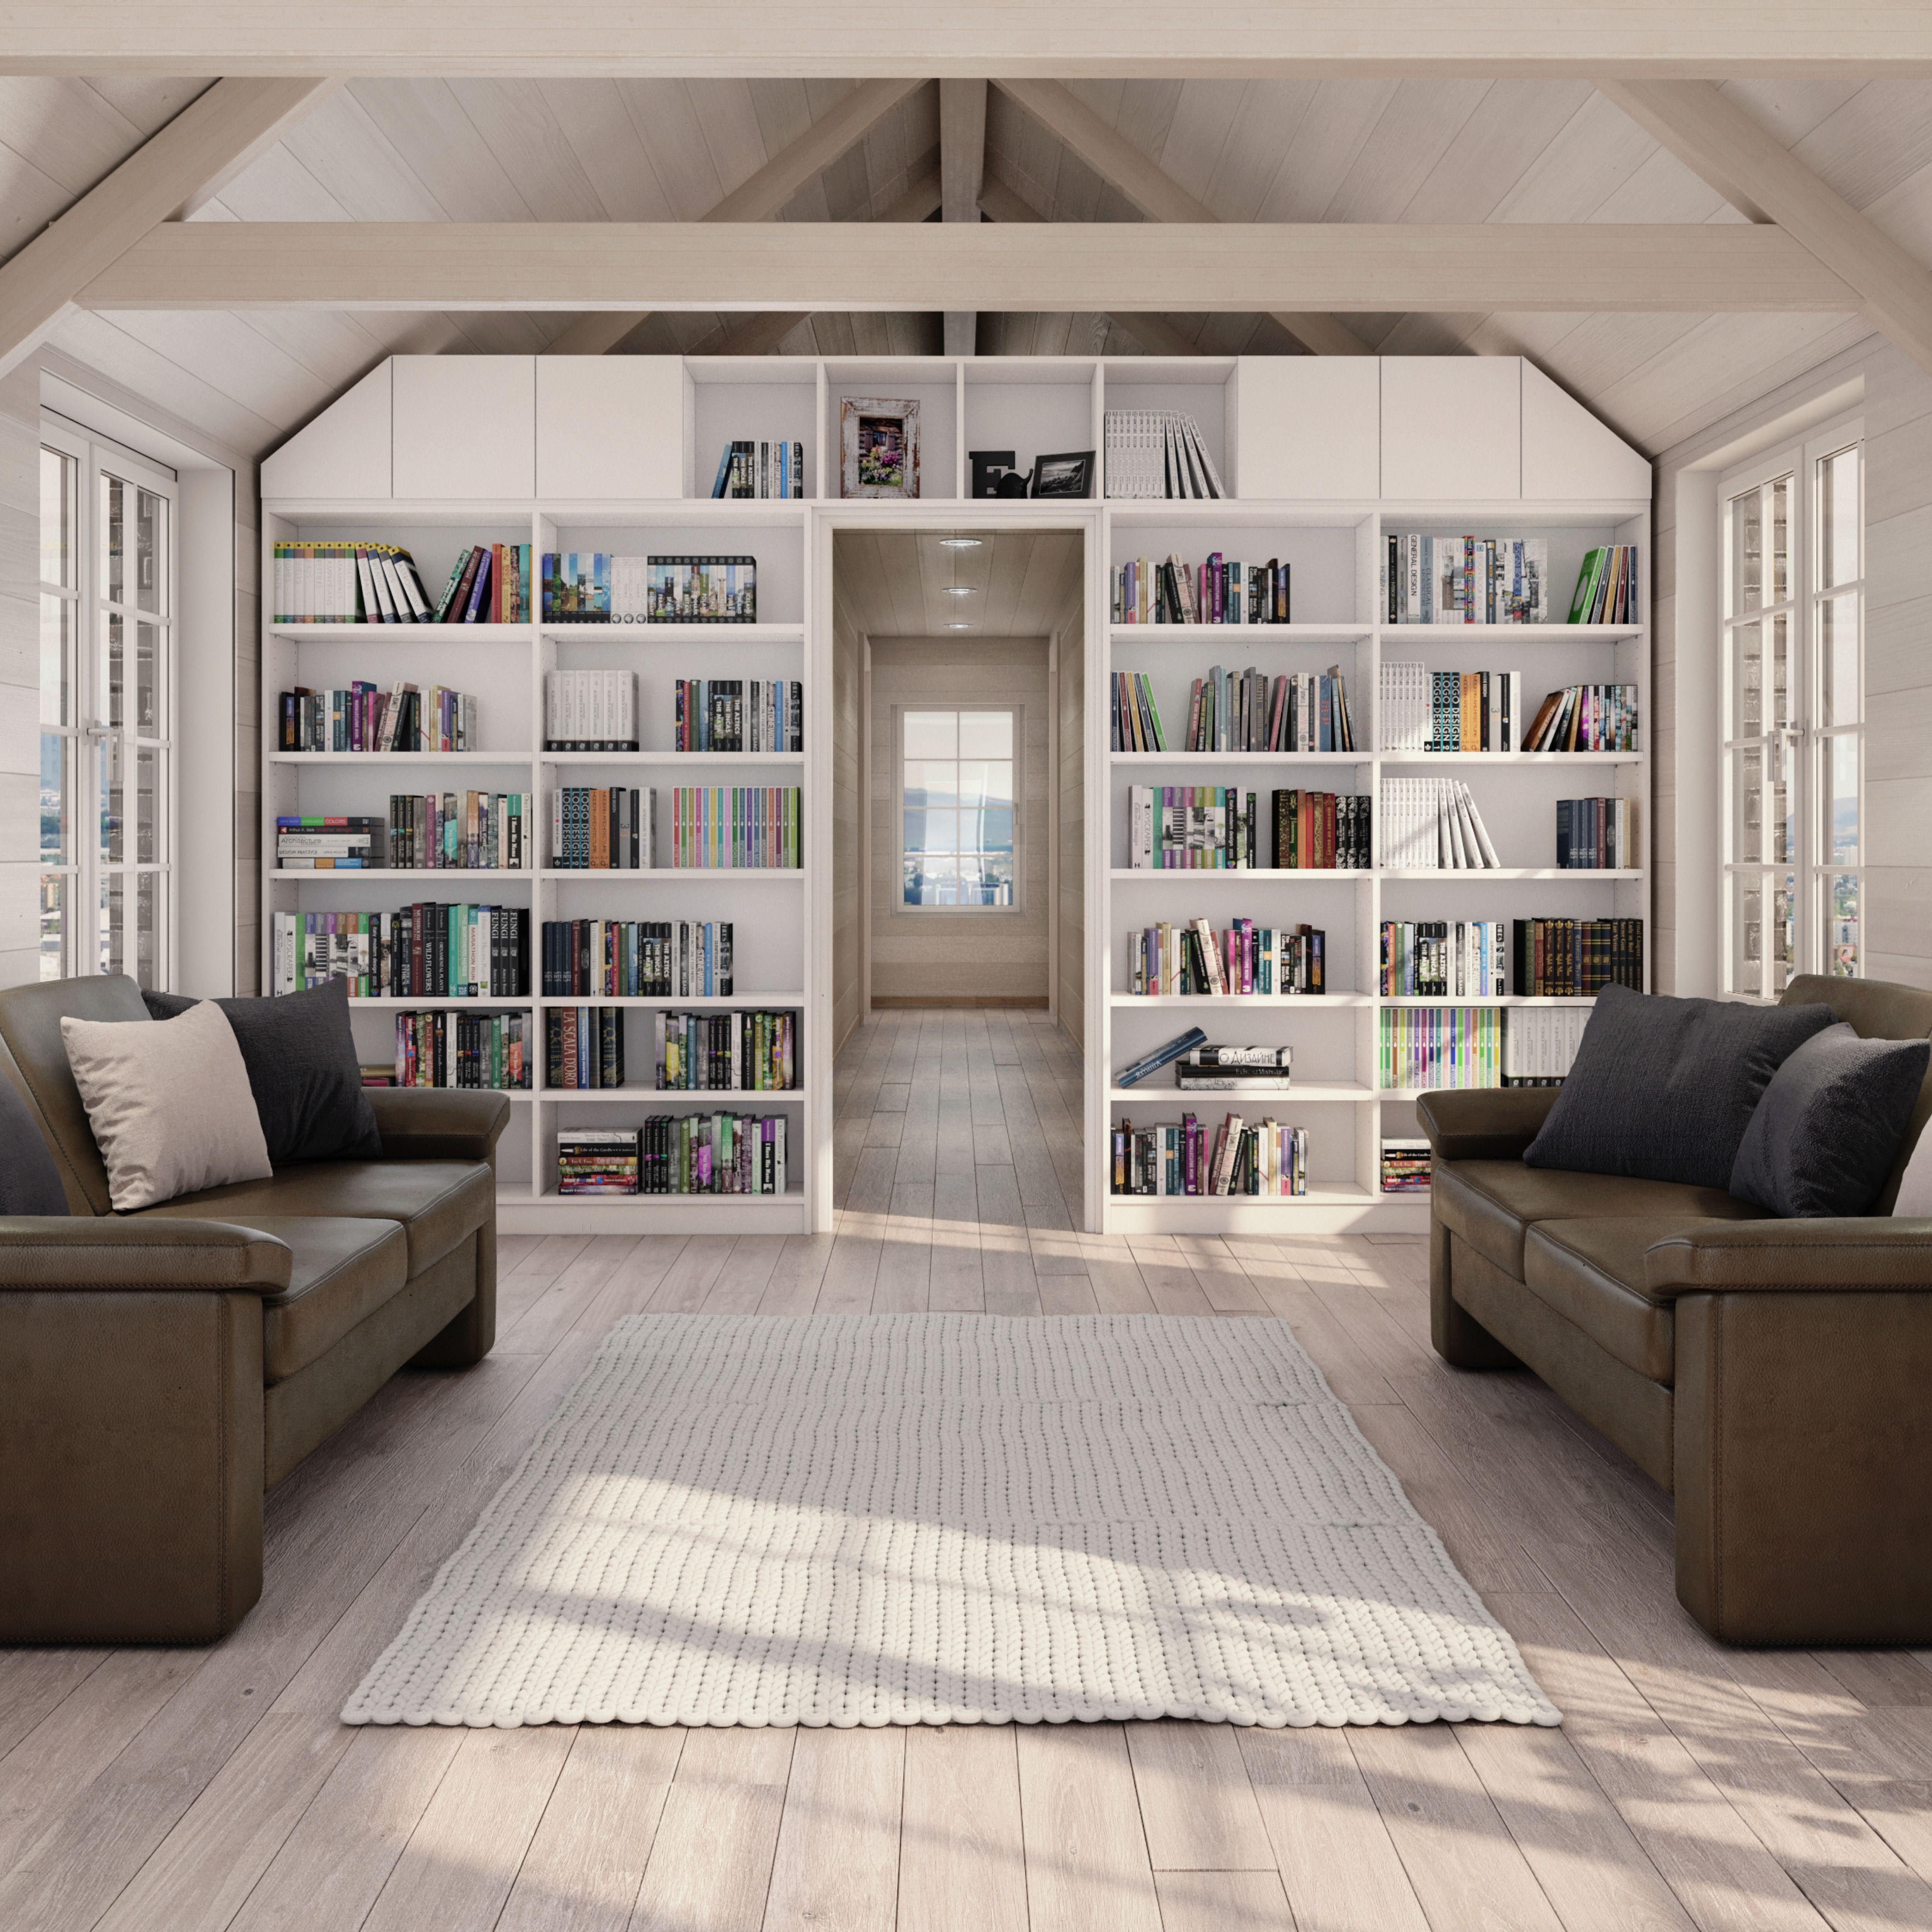 Regale für dein Wohnzimmer  Wohnzimmer regal, Wohnen, Regal